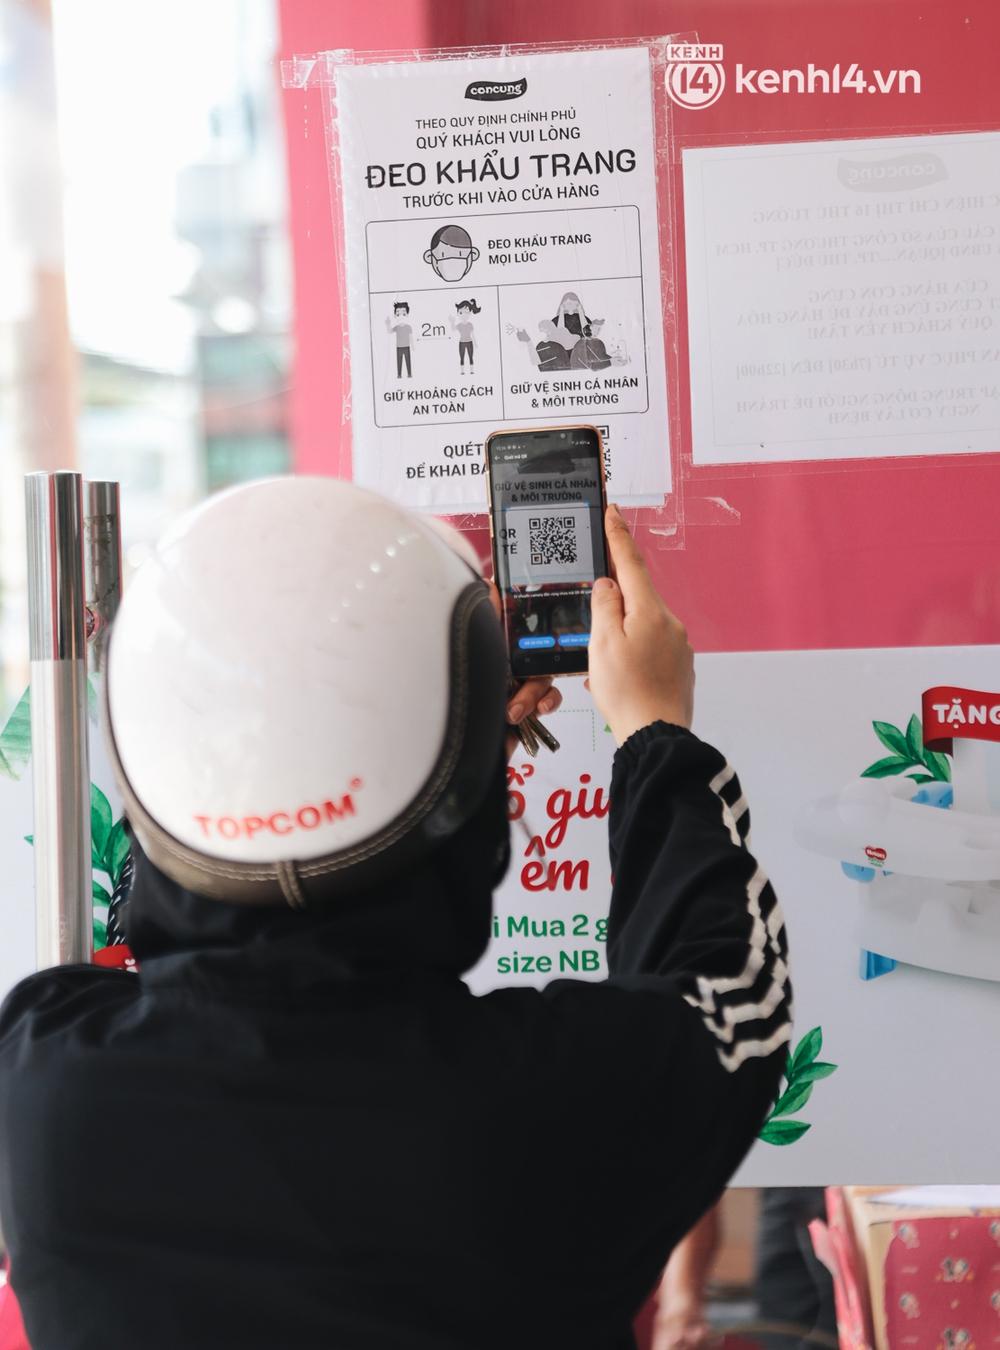 TP.HCM: Cửa hàng Con Cưng bắt đầu bán rau củ, người dân thấy giá bình dân nên mua luôn - Ảnh 5.